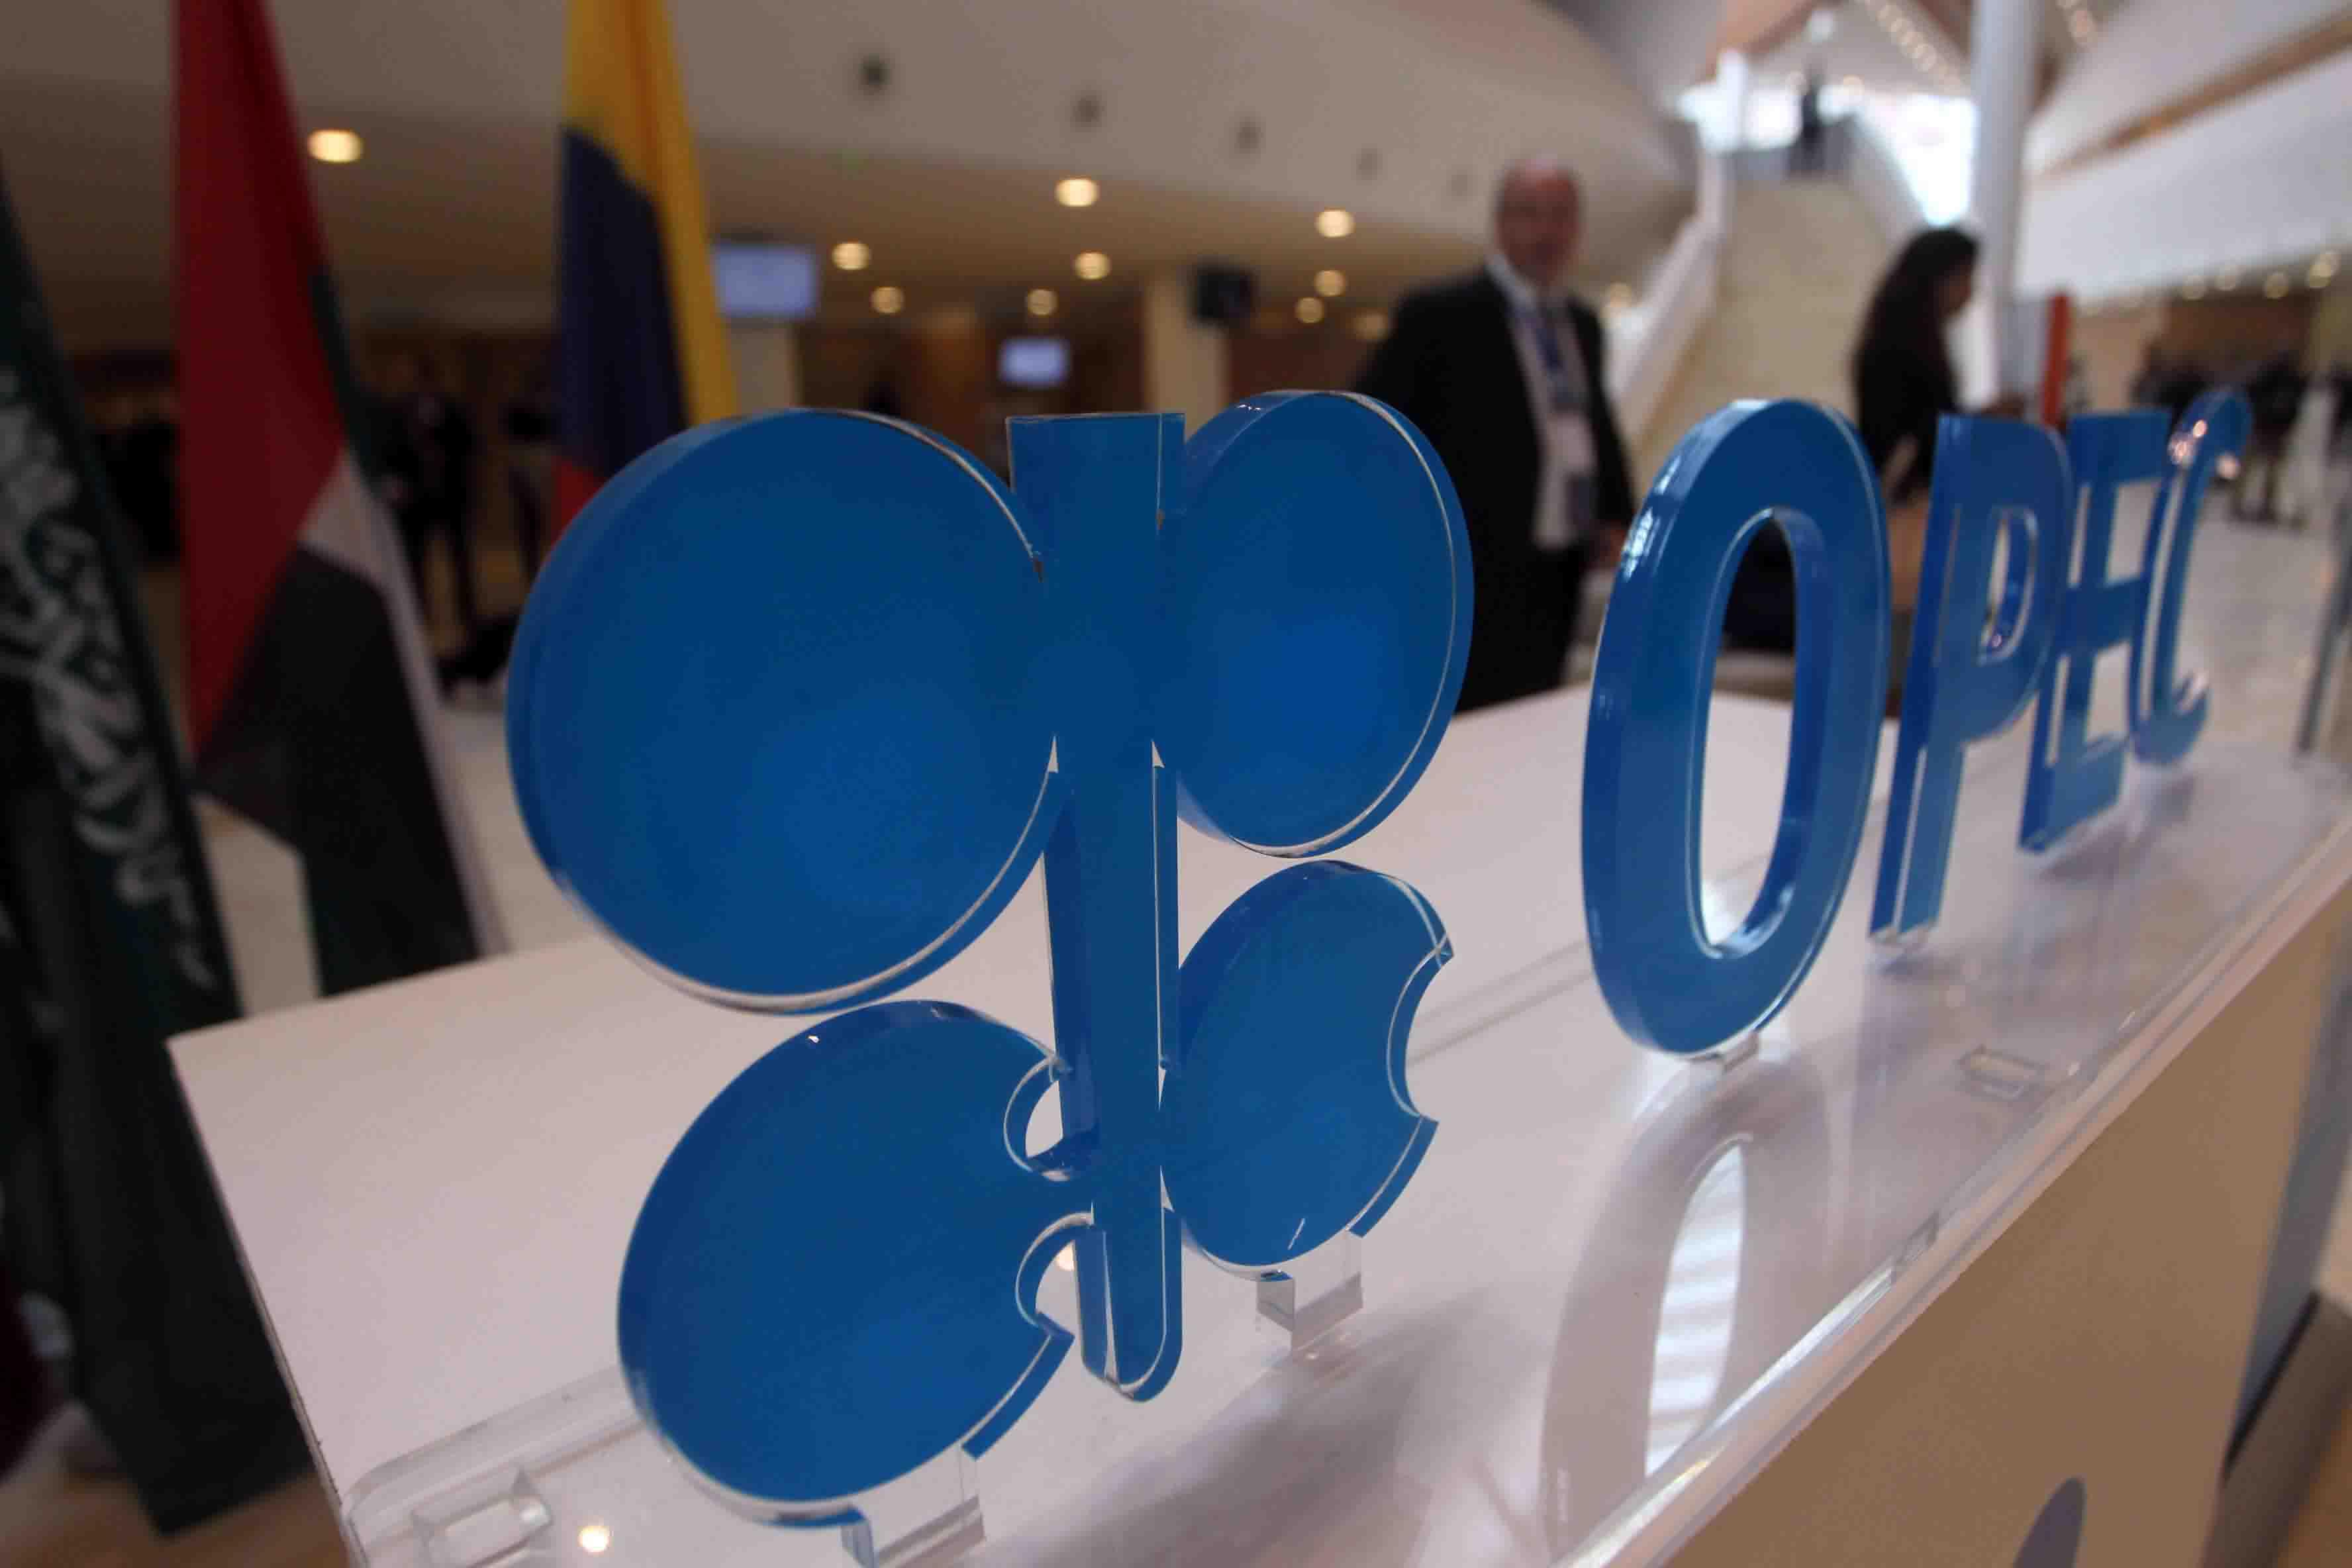 أوبك تطلق تقريرها السنوى فى حفل دولى وتؤكد بقاء النفط والغاز ركيزة للطاقة فى العالم